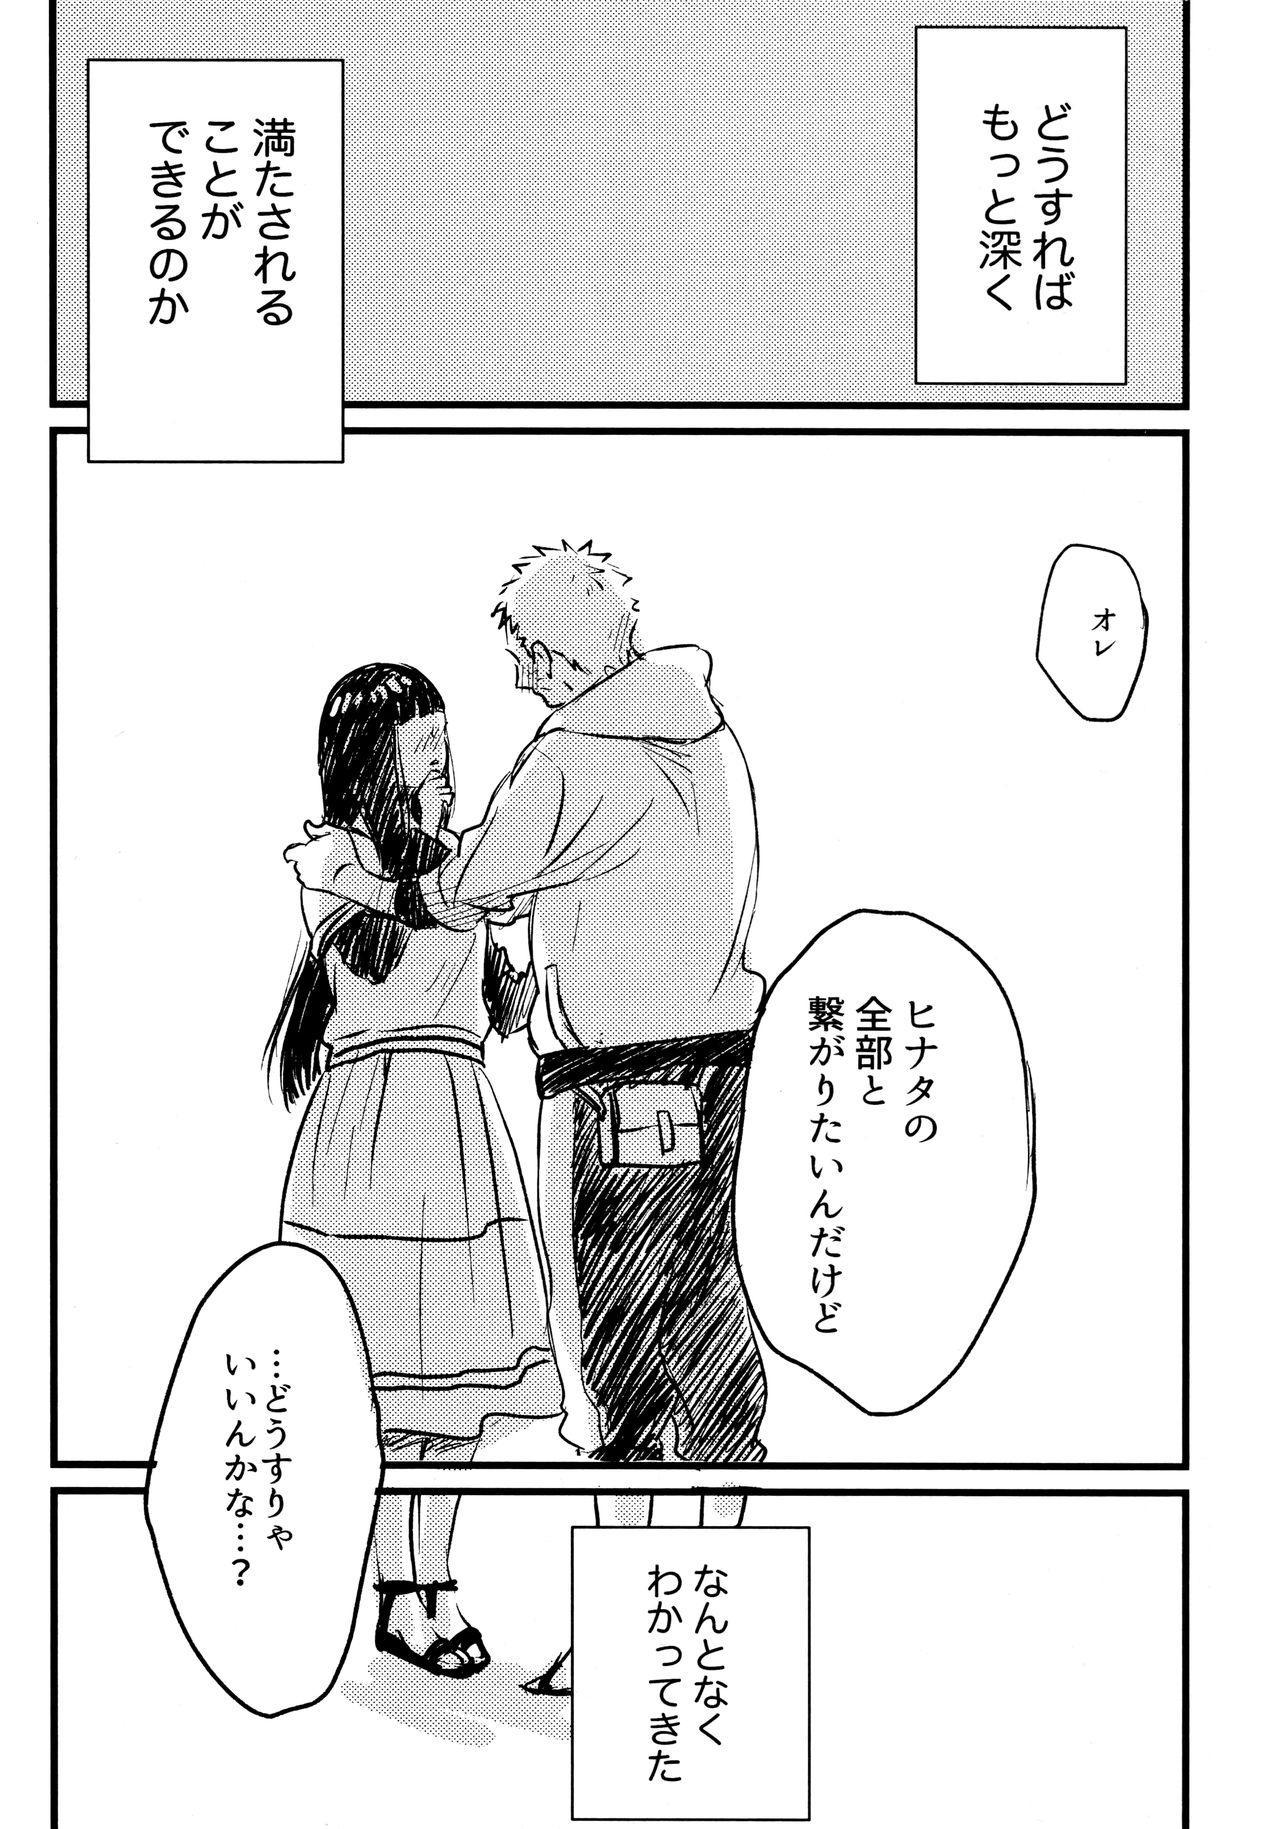 Koiwo Shiteiru Karada 1 + 2 17